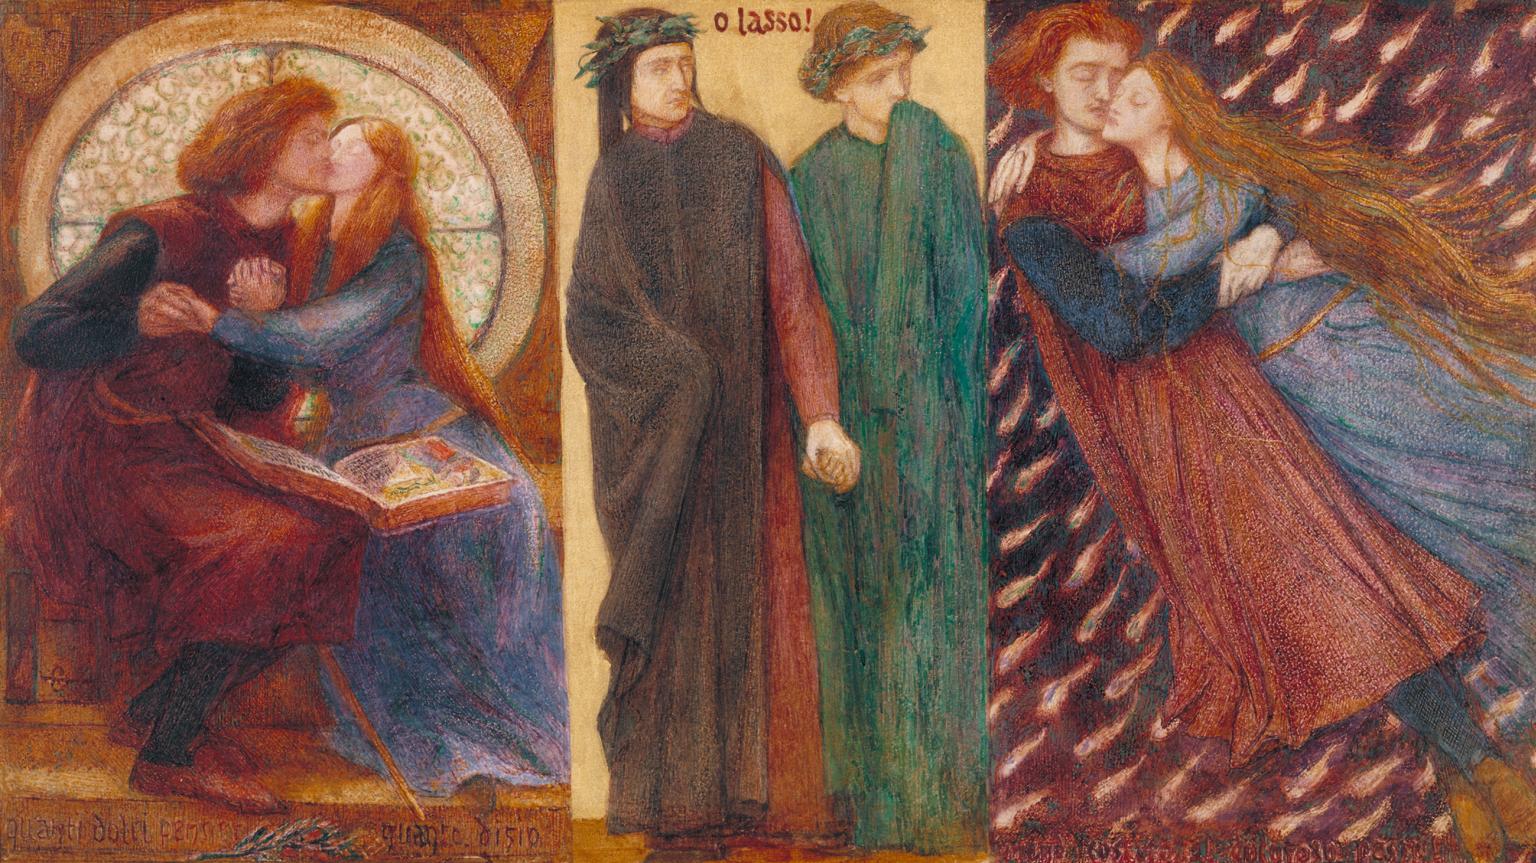 Dante Gabriel Rossetti, Paolo e Francesca da Rimini